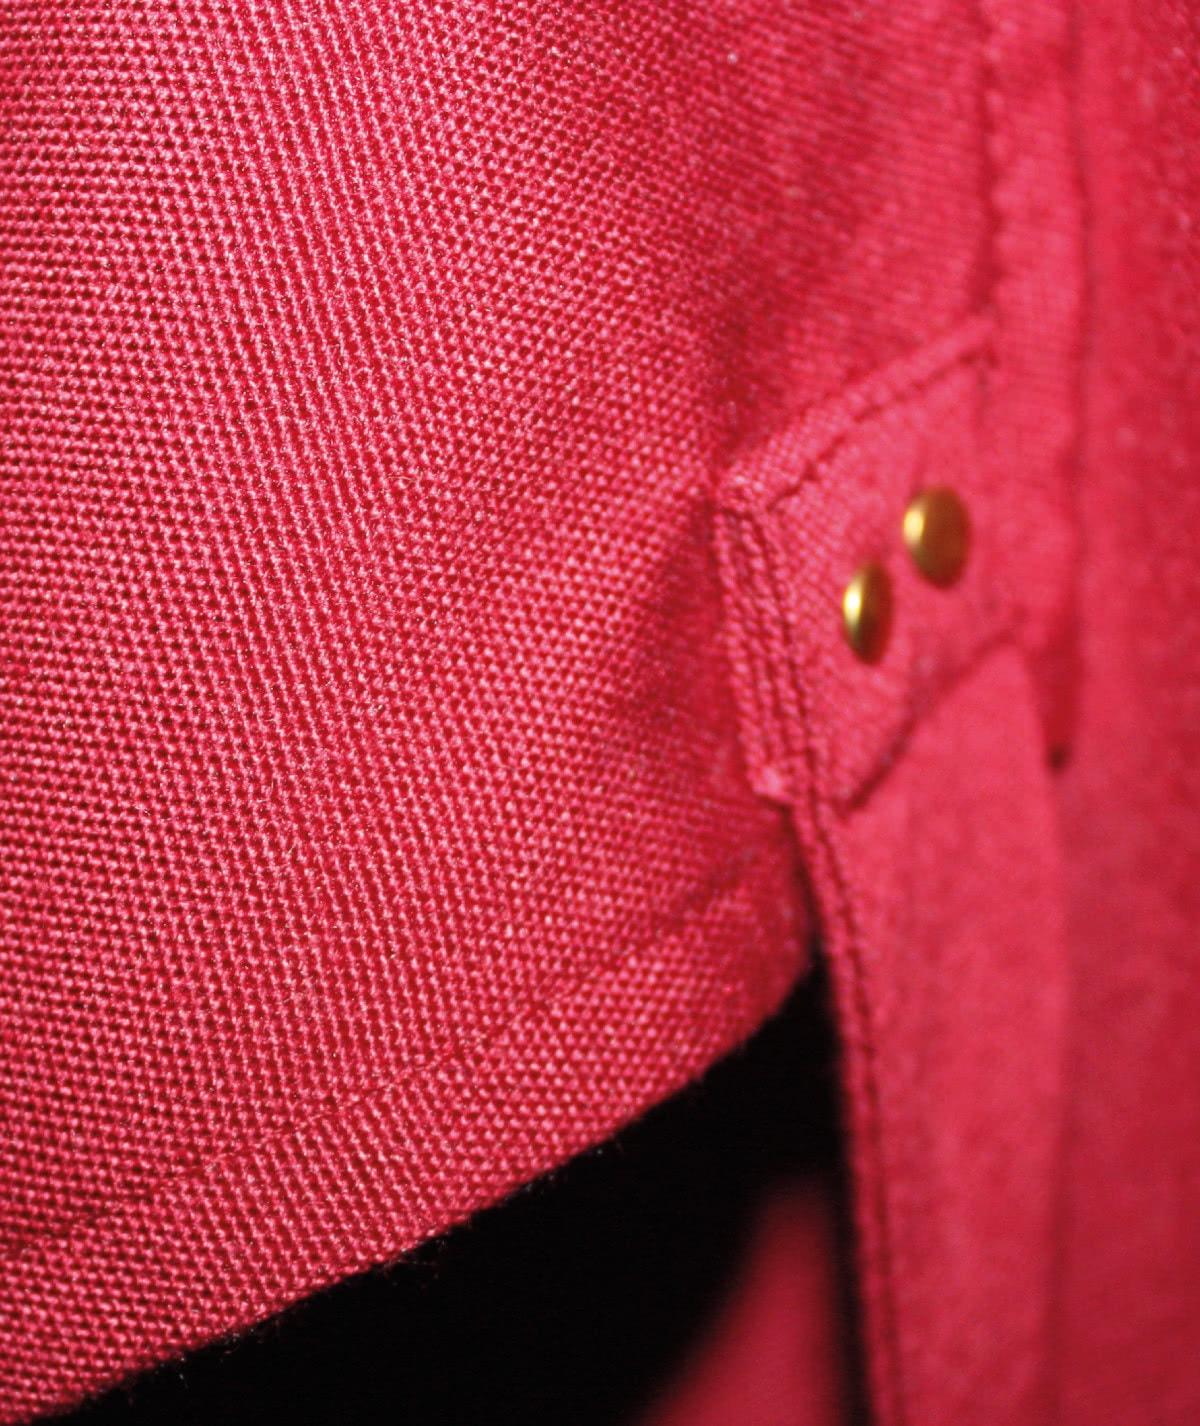 Aurelia applique des techniques de couture avancées